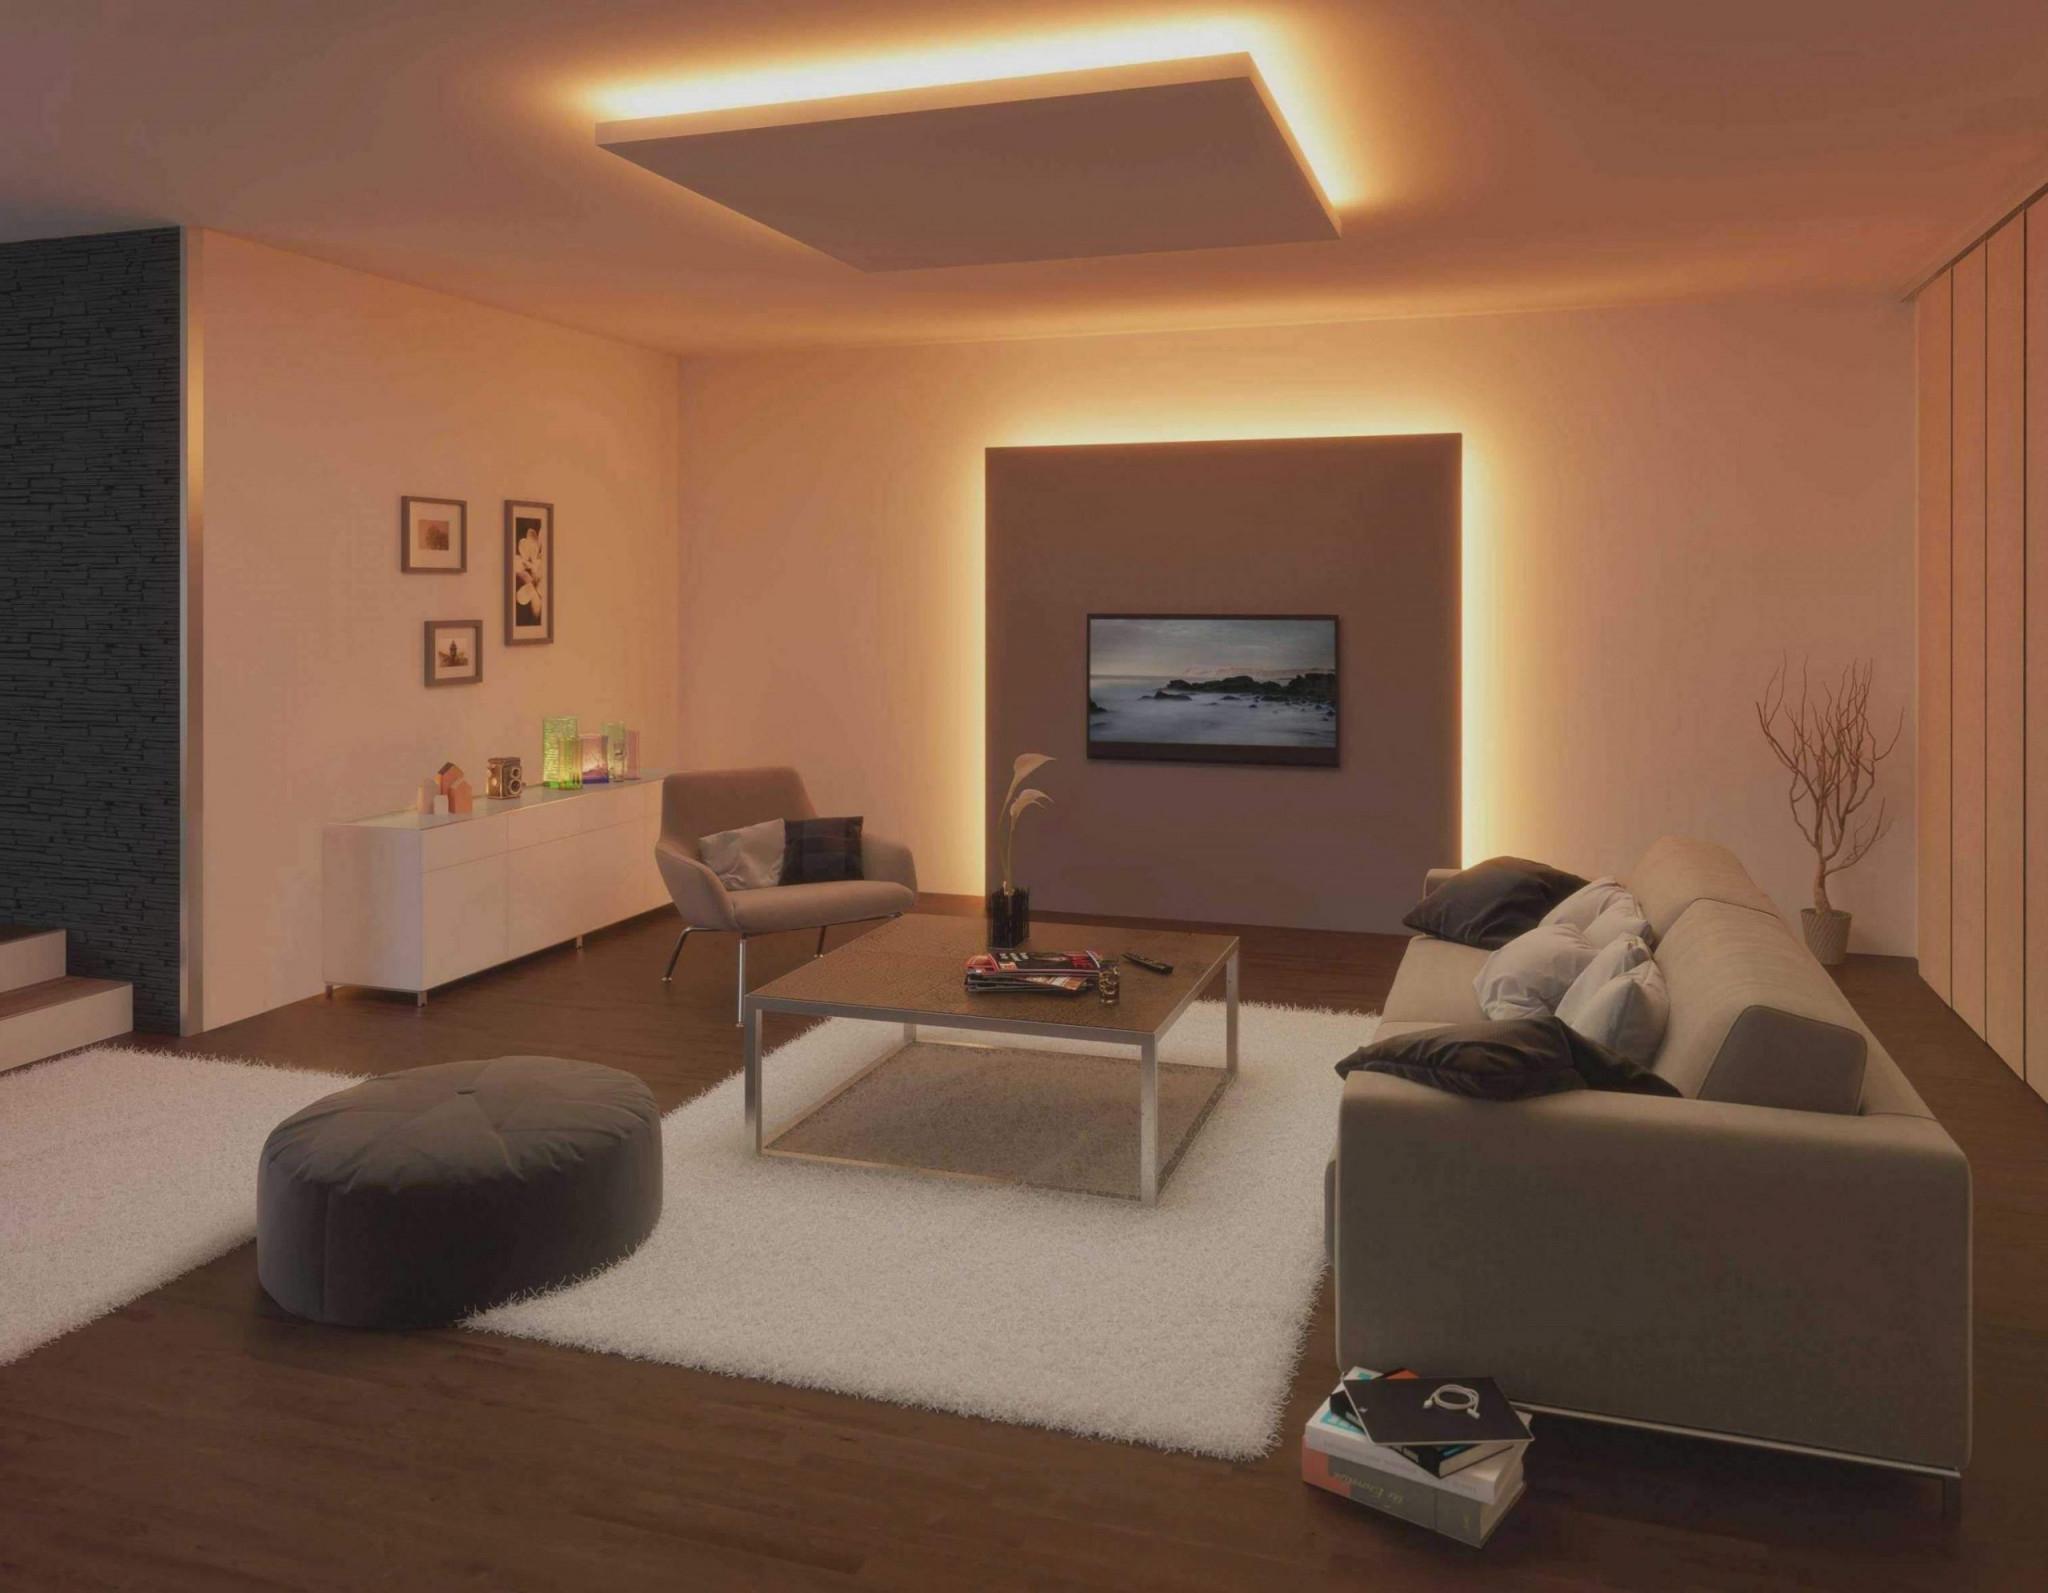 34 Genial 20 Qm Wohnzimmer Einrichten Elegant  Wohnzimmer von Wohnzimmer 25 Qm Einrichten Bild